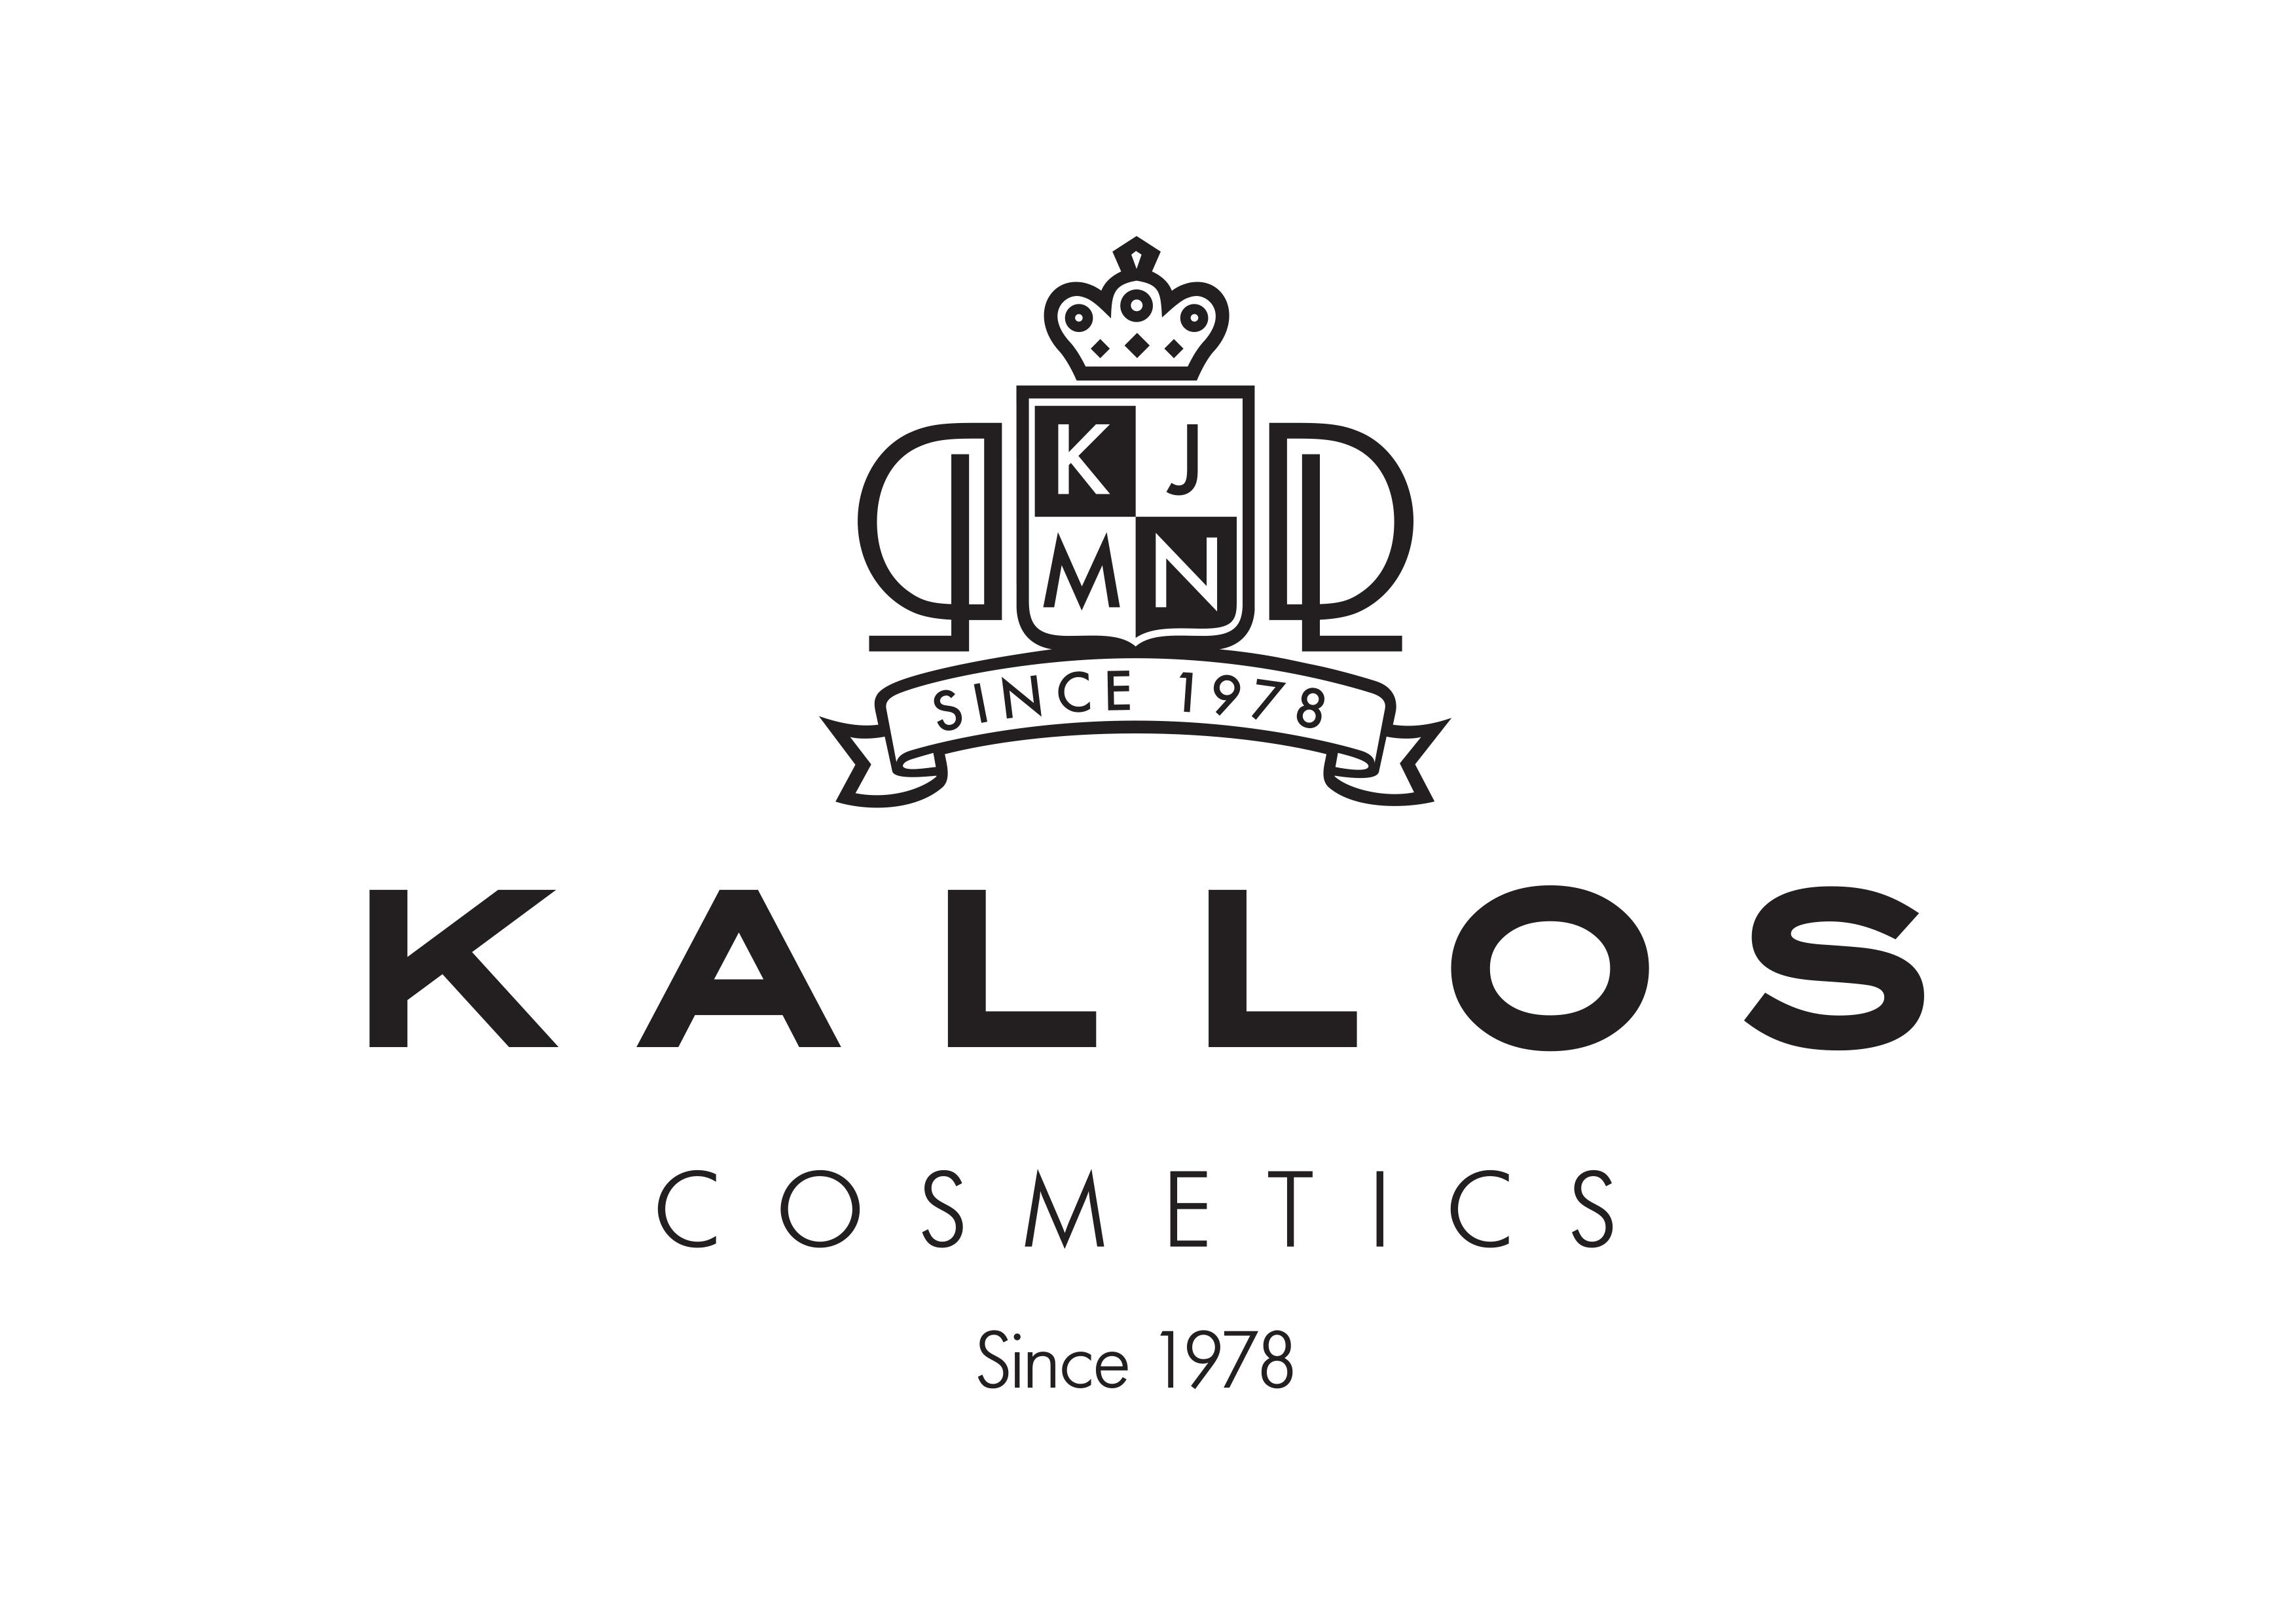 kallos_logo